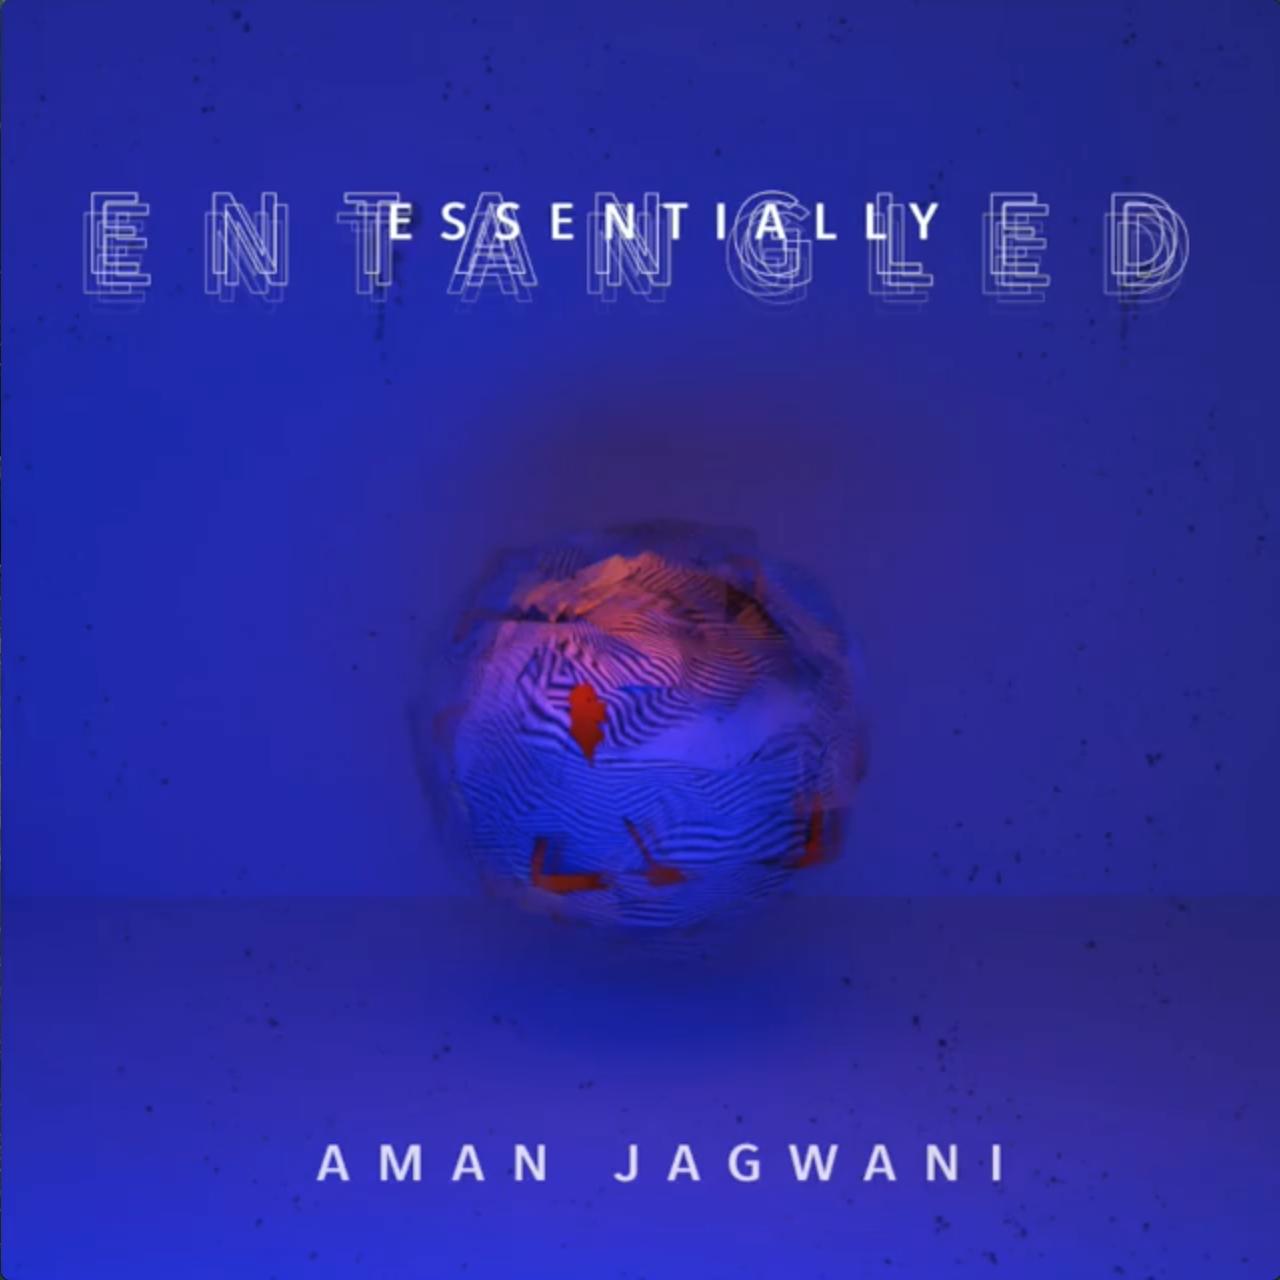 essentially entangled aman jagwani